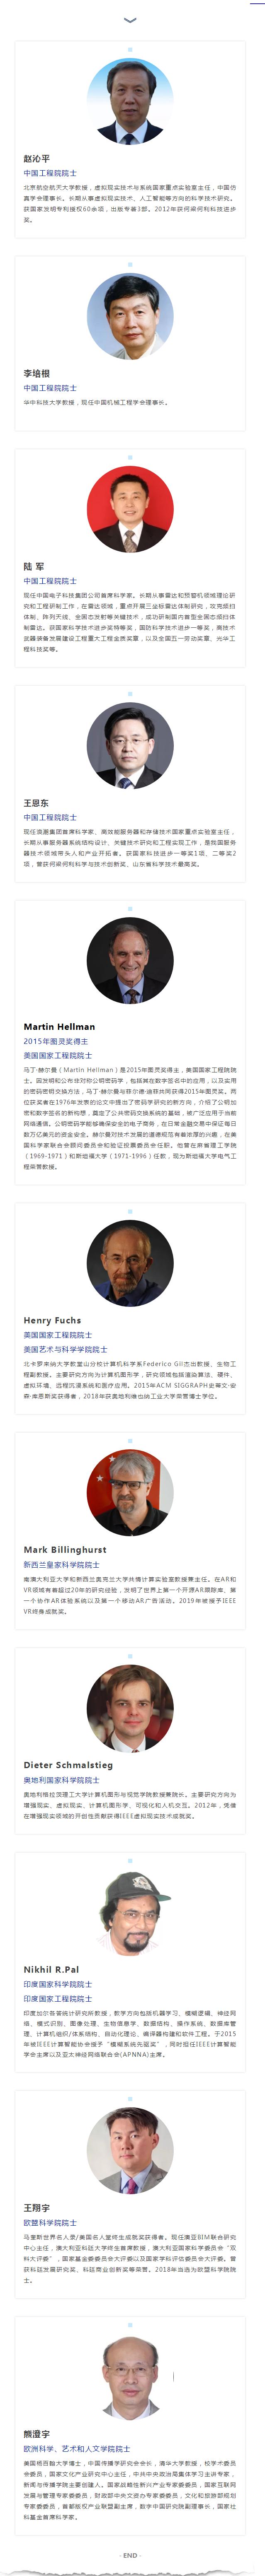 重磅 _ 11位院士确认出席2019世界VR产业大会_看图王.png